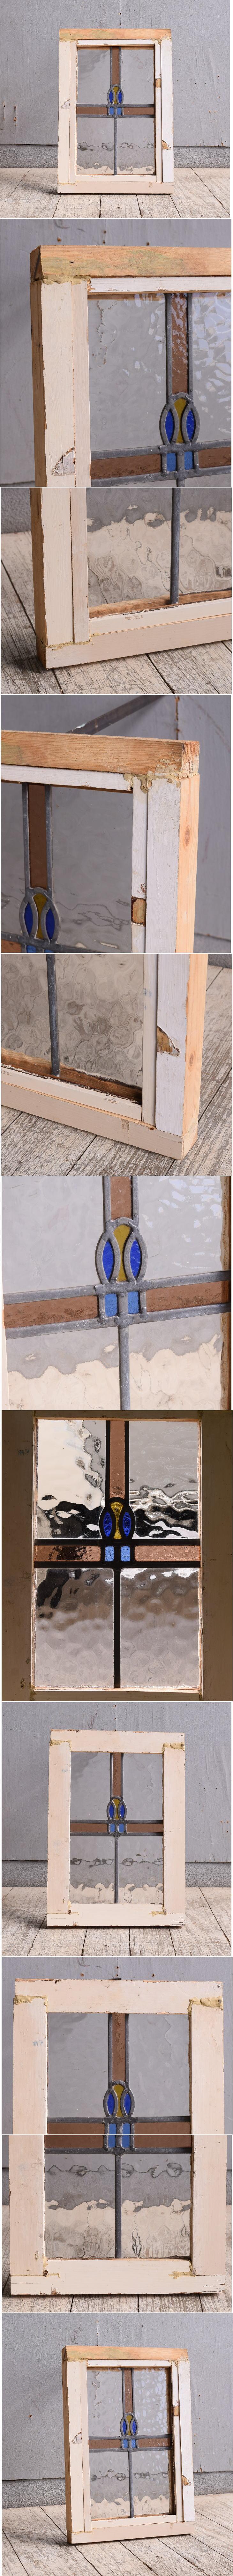 イギリス アンティーク ステンドグラス 幾何学 9971